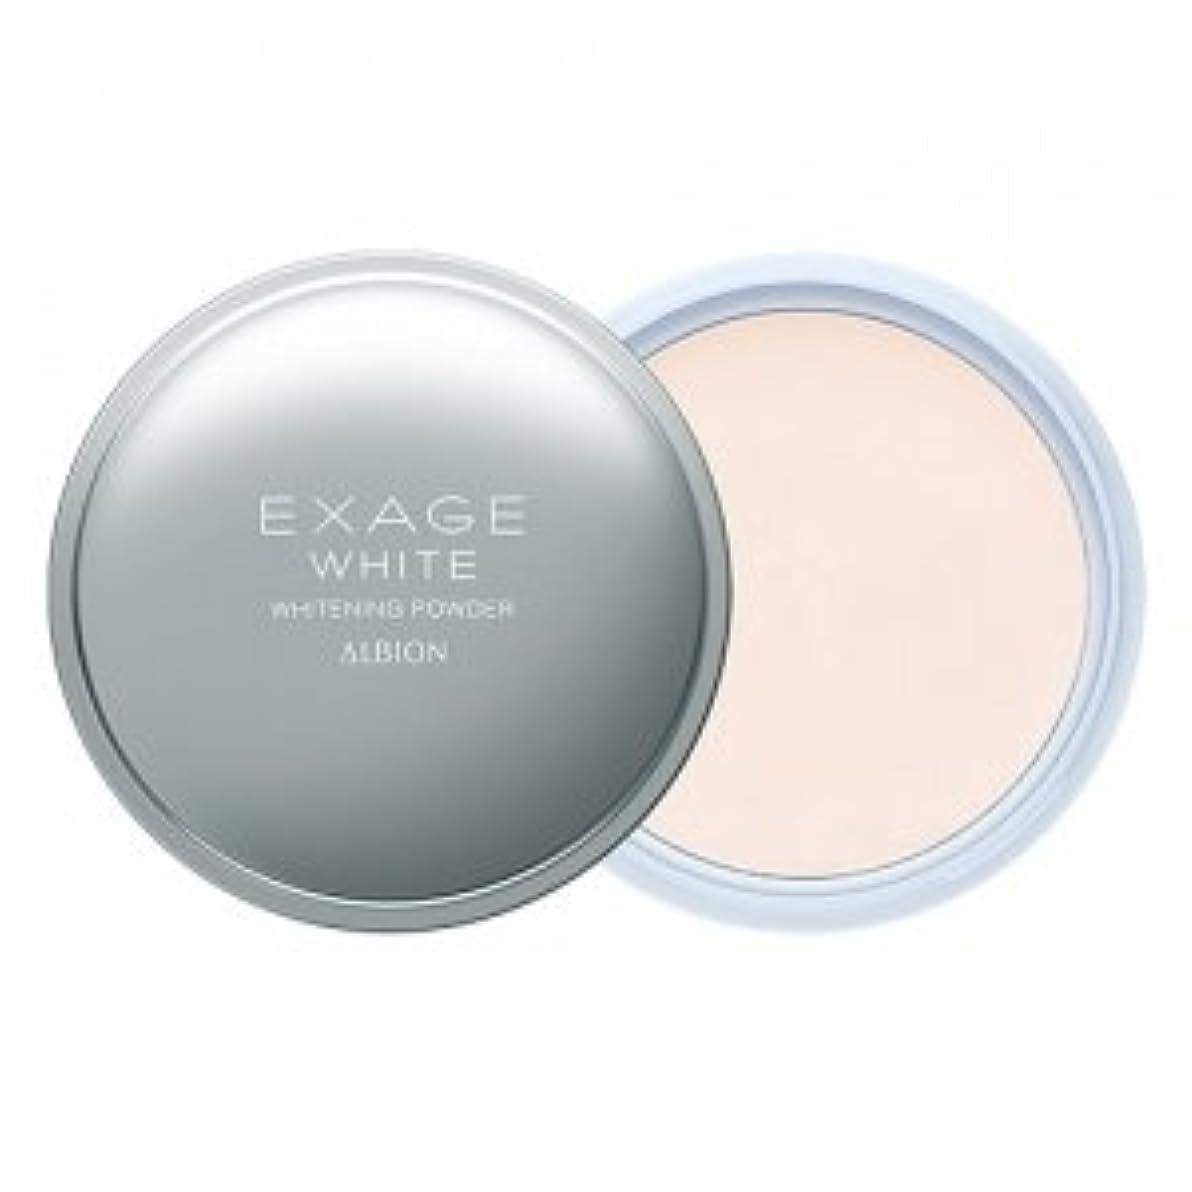 勇気のある実現可能コンベンションALBION (アルビオン) EXAGE WHITE エクサージュホワイト ホワイトニング パウダー 18g